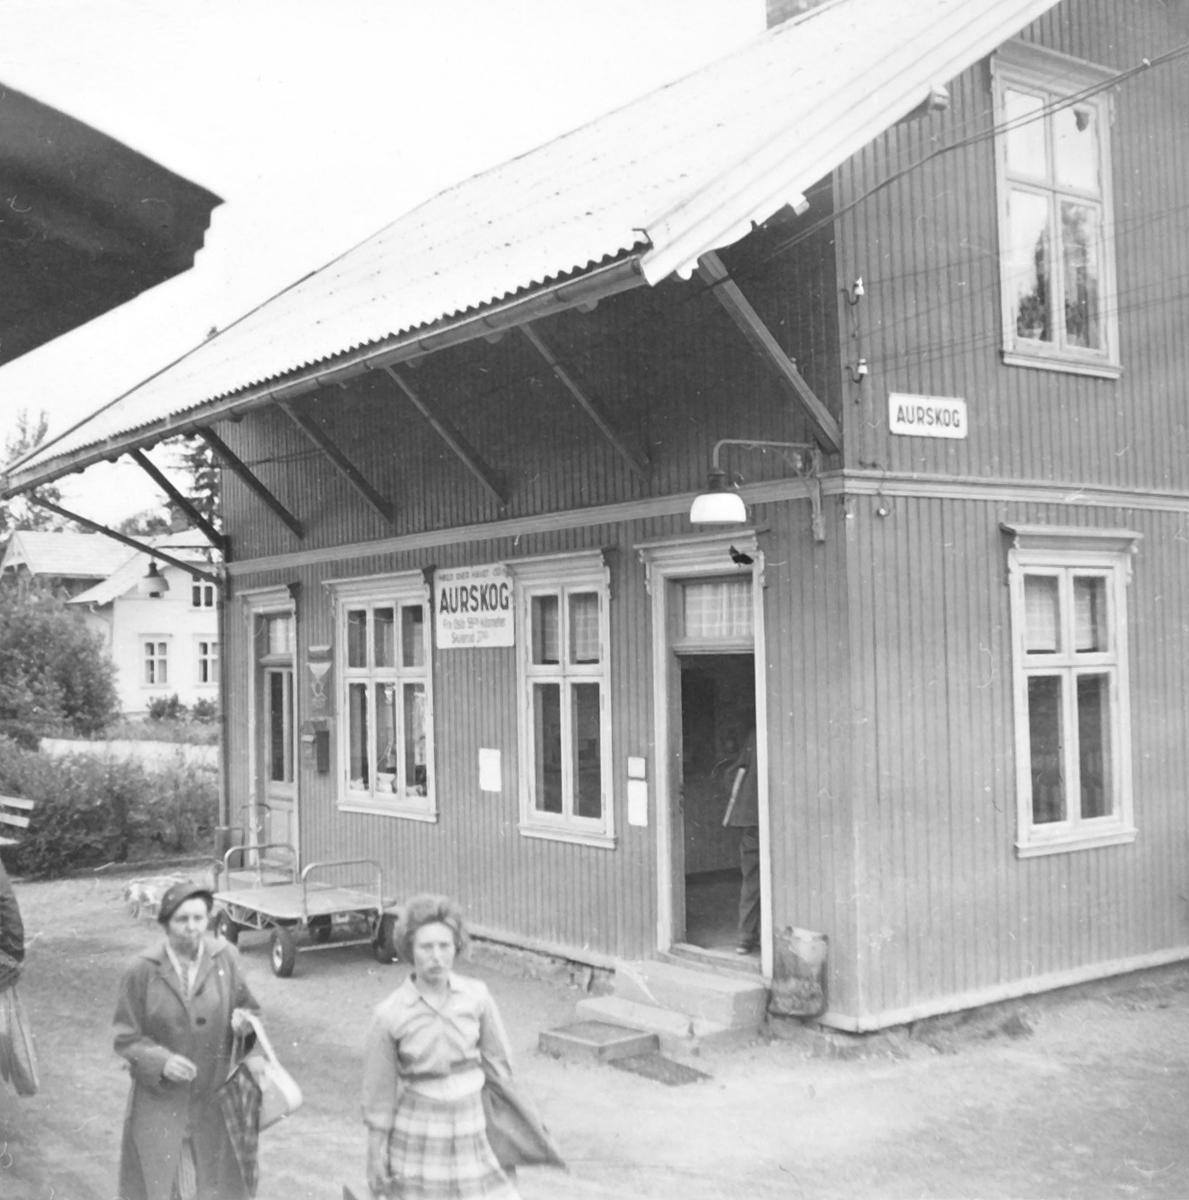 Aurskog stasjon, sett fra et av de siste ordinære tog på Aurskog-Hølandbanen